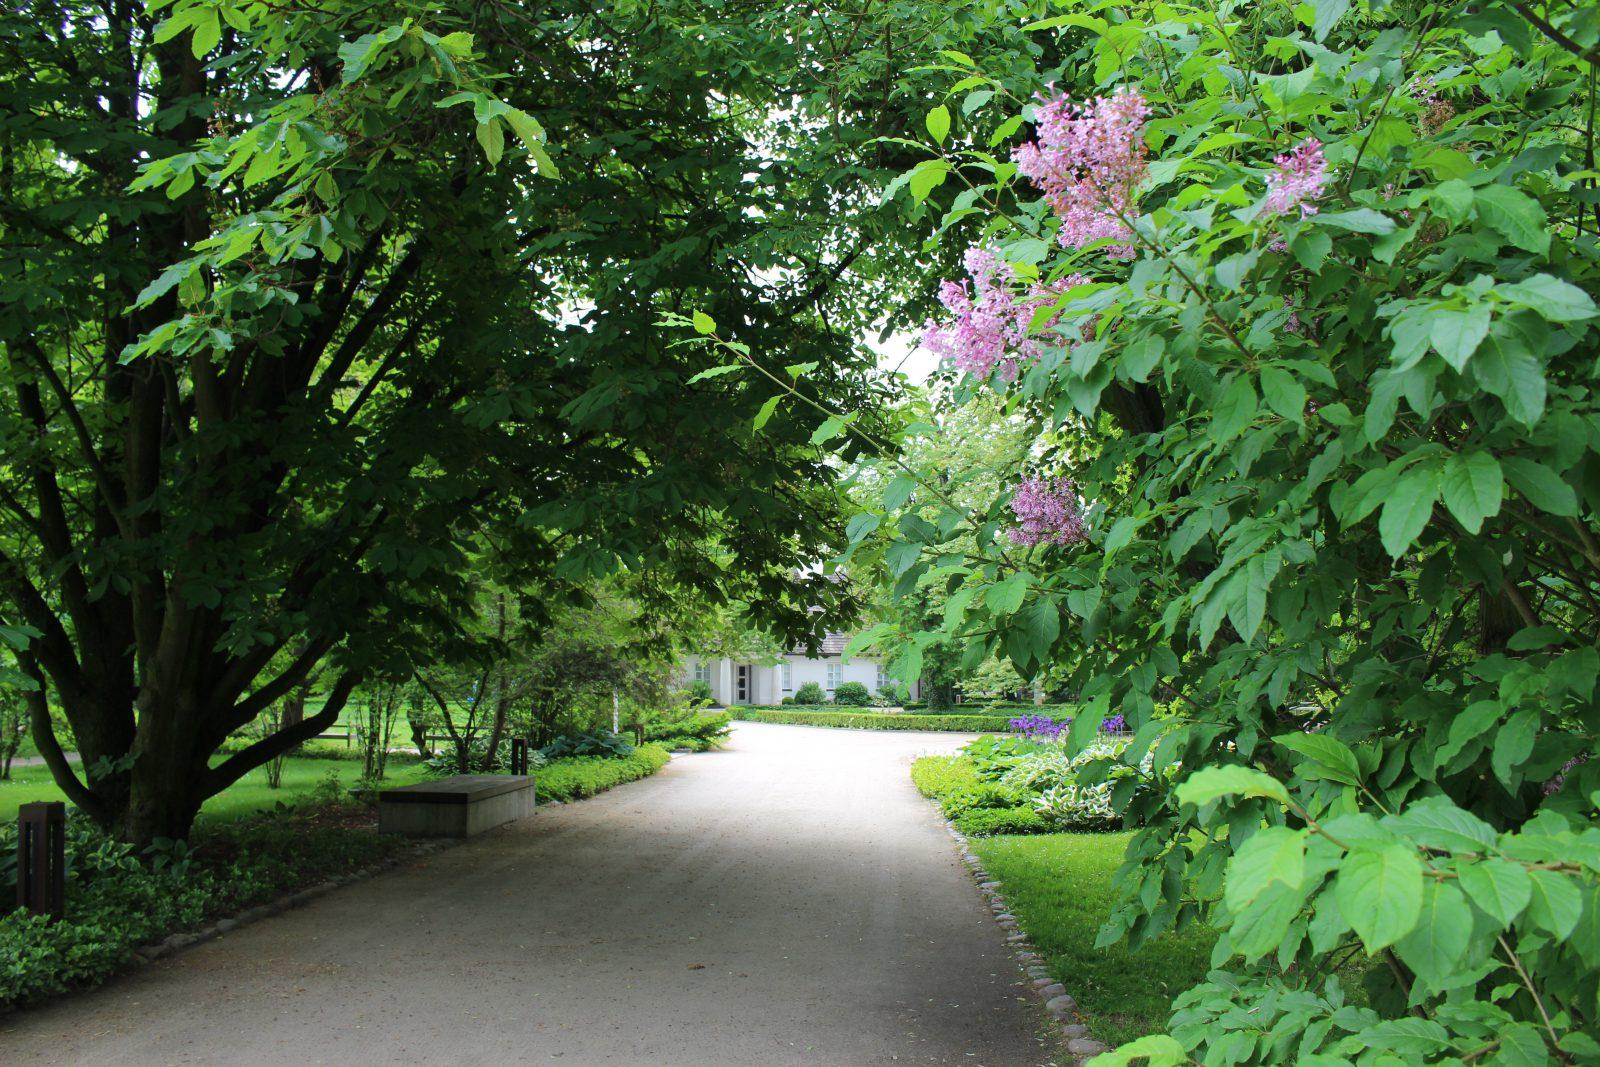 Zelazowa Wola maison natale de chopin vue du parc